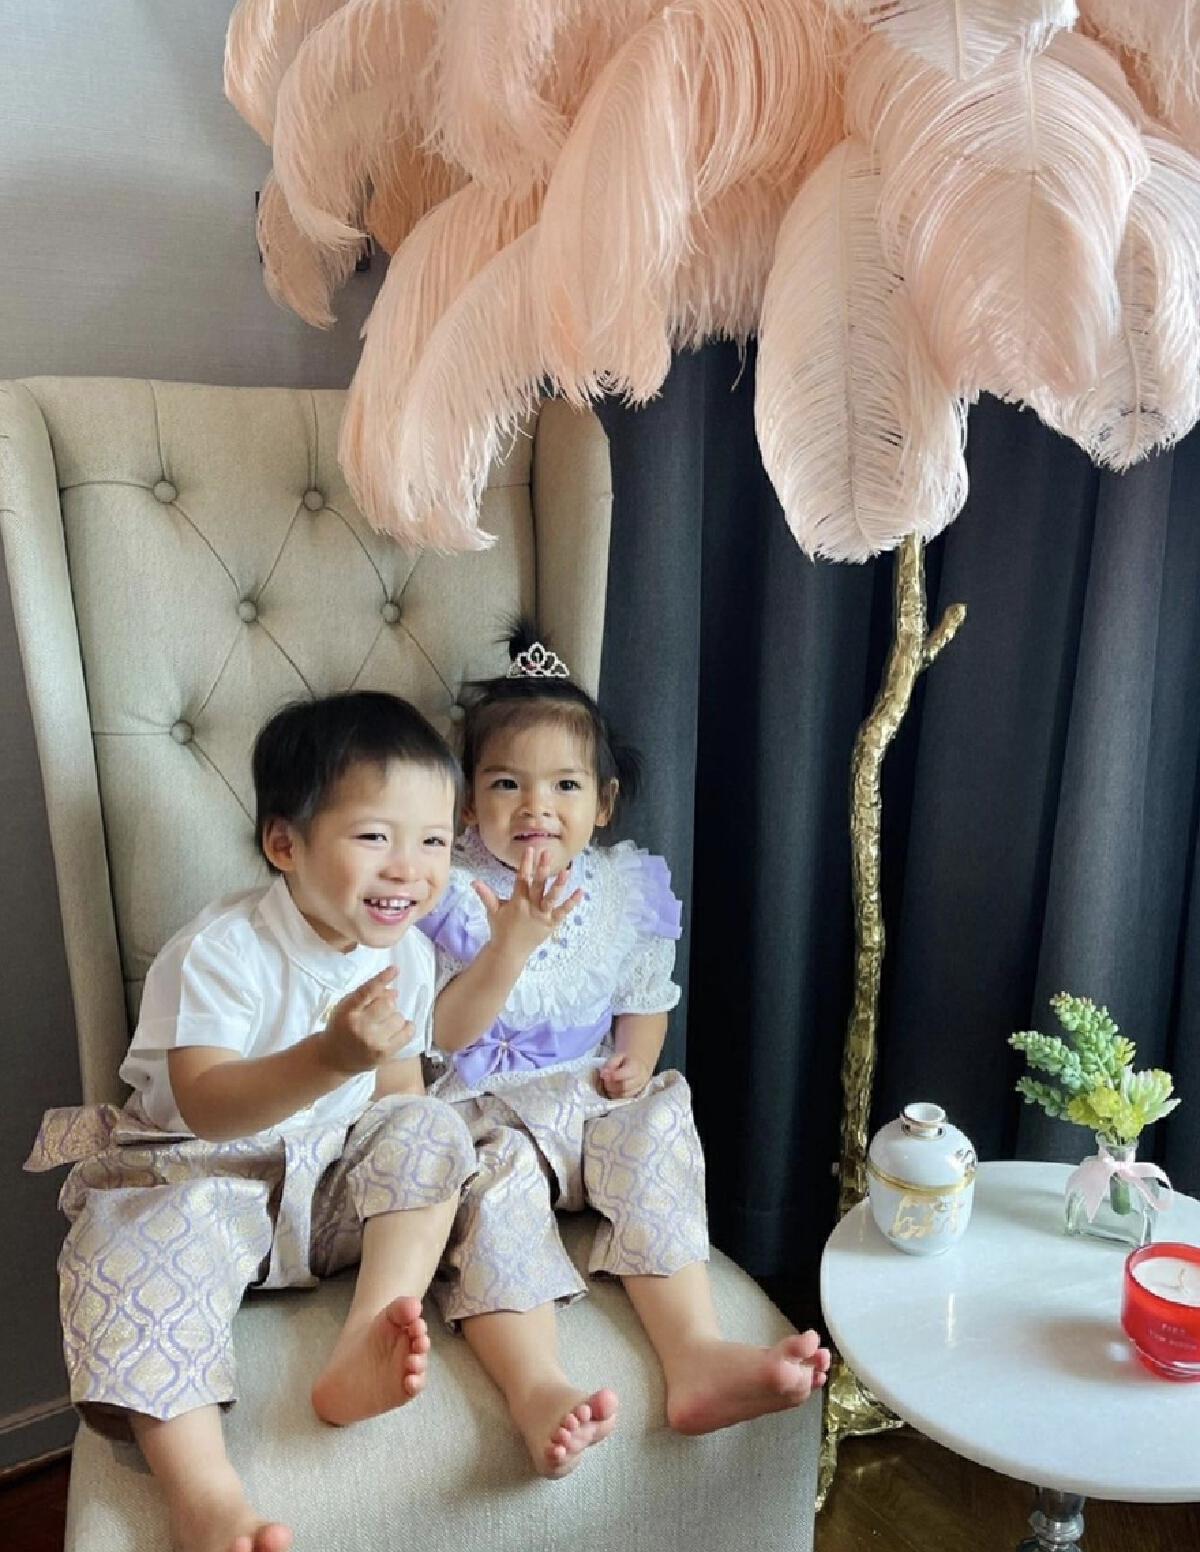 ปุ๊ก อาภัสรา จัดงานวันเกิดให้หลานแฝด น้องมีก้า-มีญ่า อายุครบ 2 ขวบ